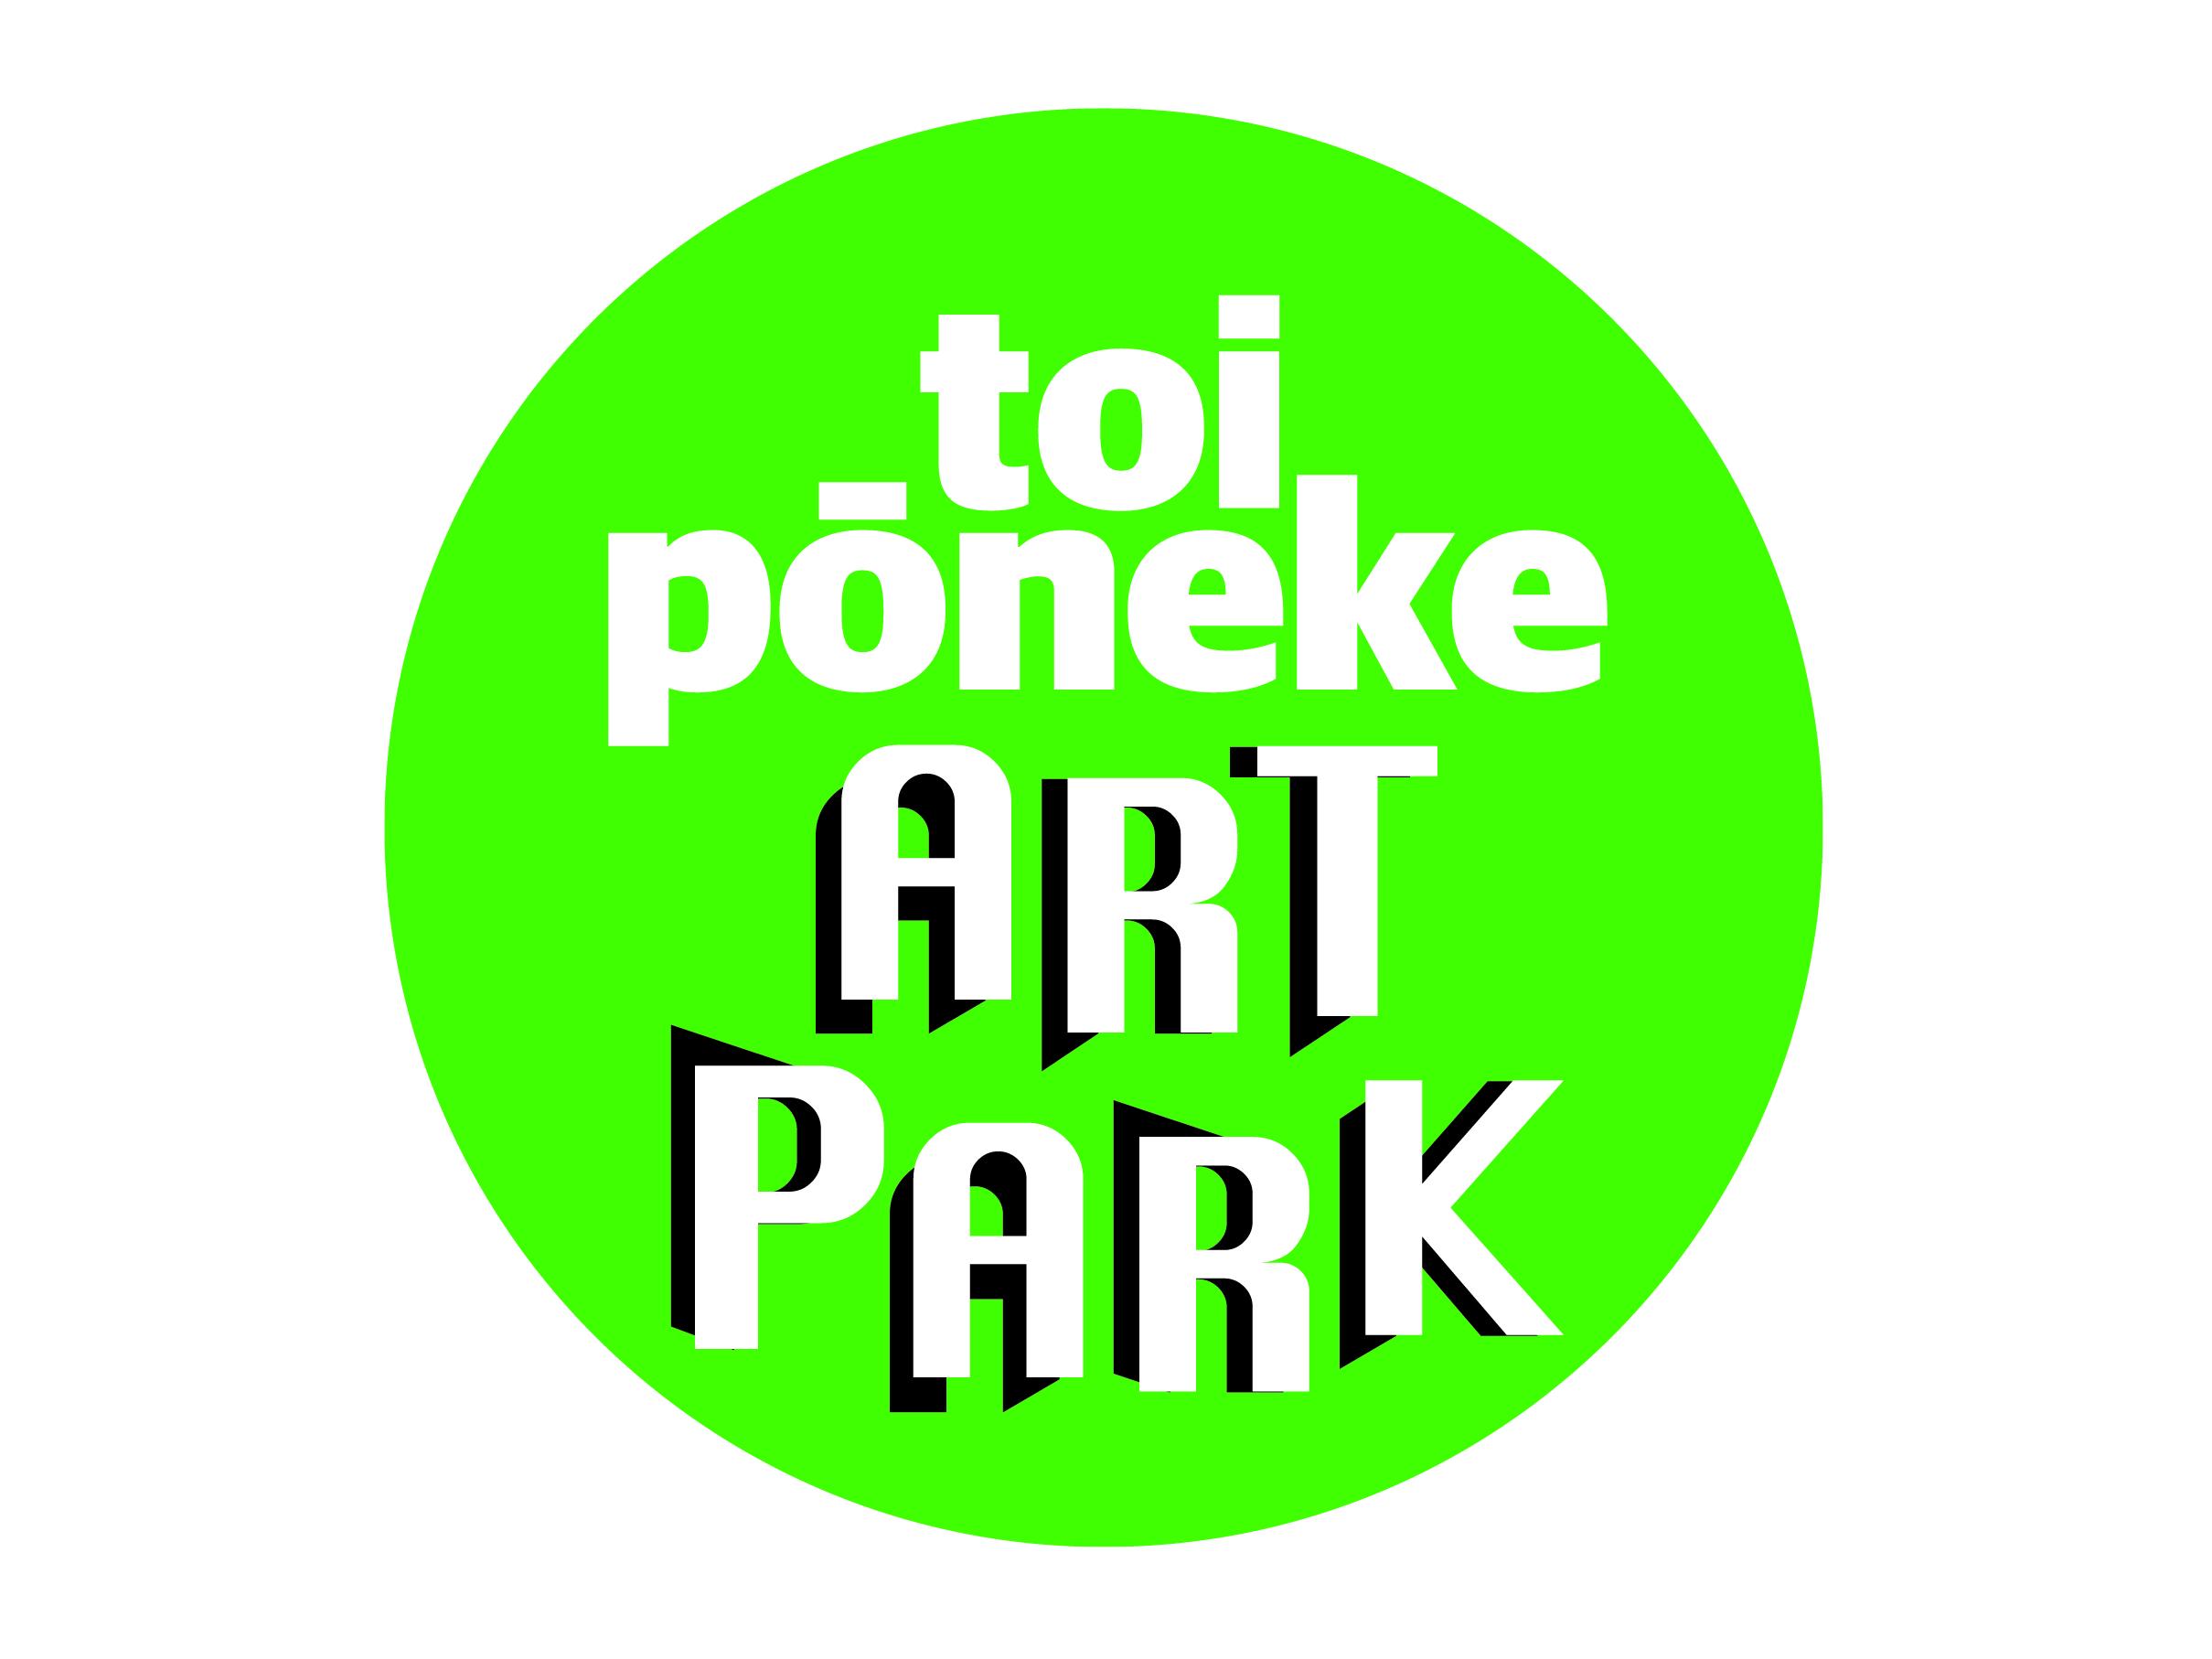 Toi Poneke Art Park Logo.jpg